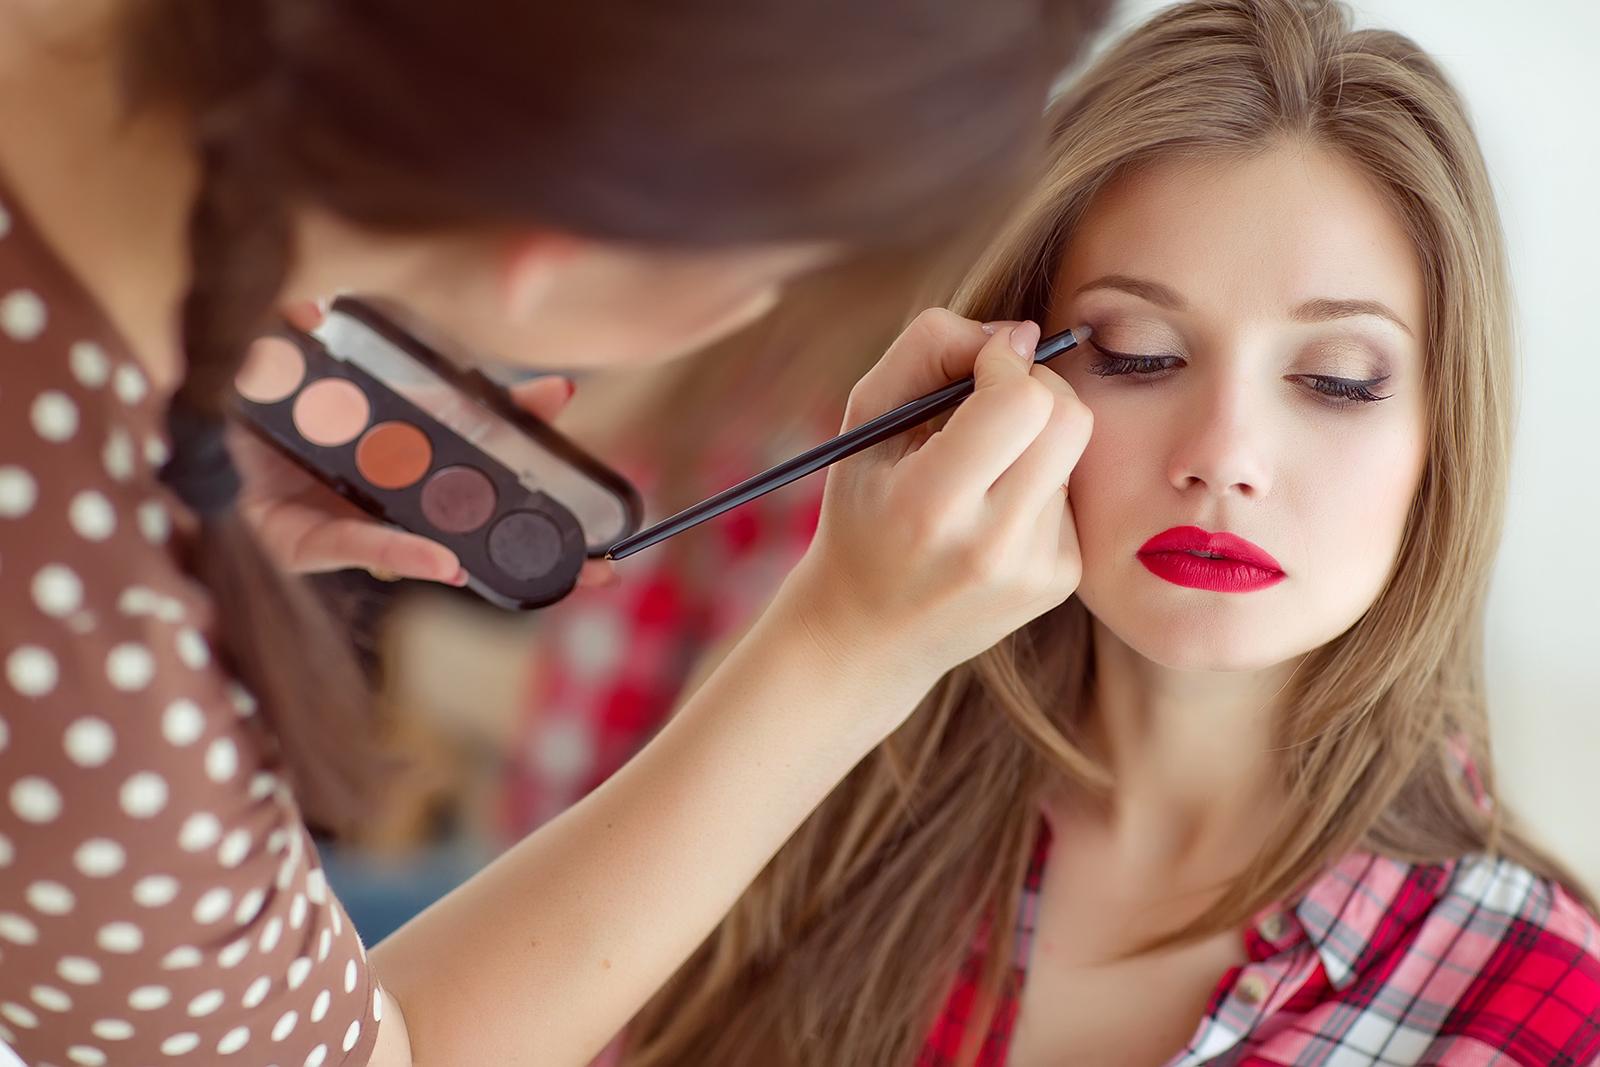 コスメカウンターの賢い利用方法 美容部員と上手に対話をするためには?/Photo by Nina Buday